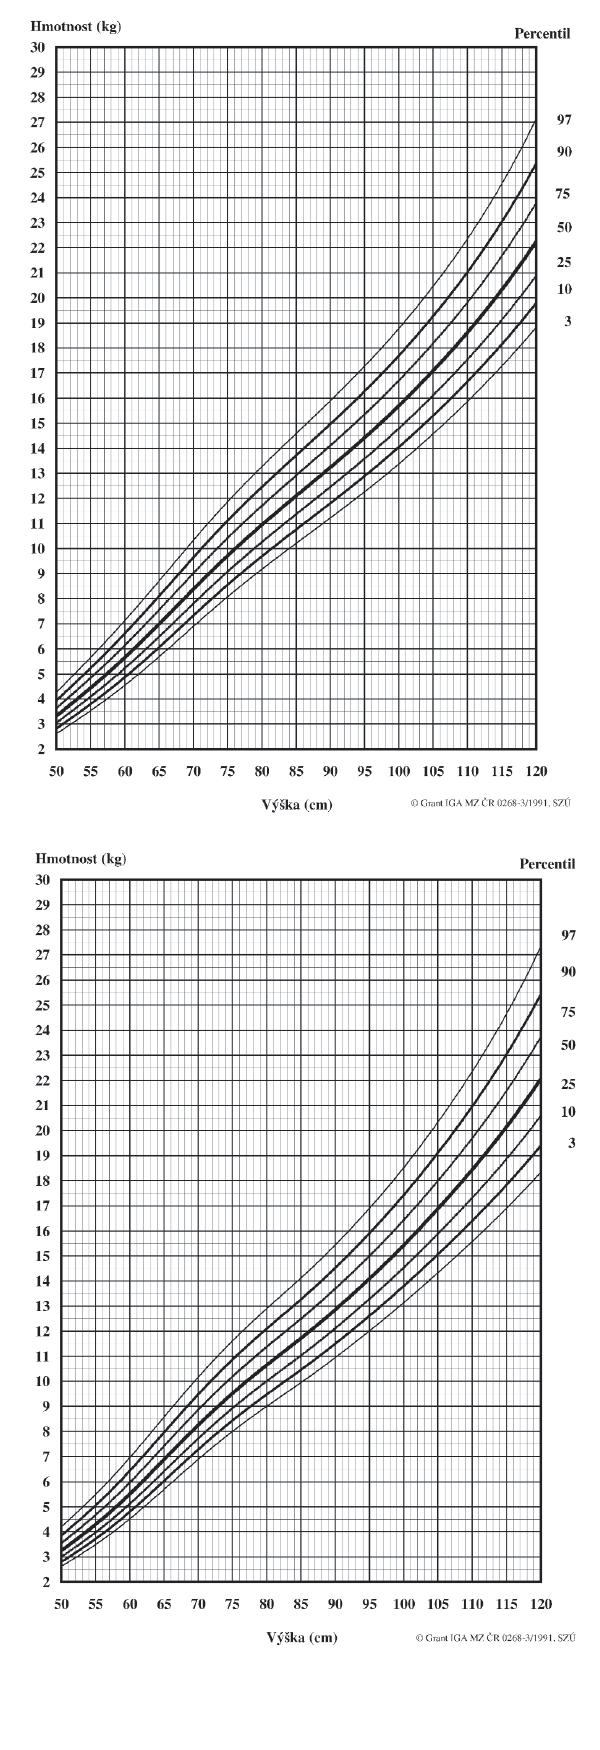 1a. Hmotnost k tělesné délce/výšce. Chlapci 50–120 cm 1b. Hmotnost k tělesné délce/výšce. Dívky 50–120 cm